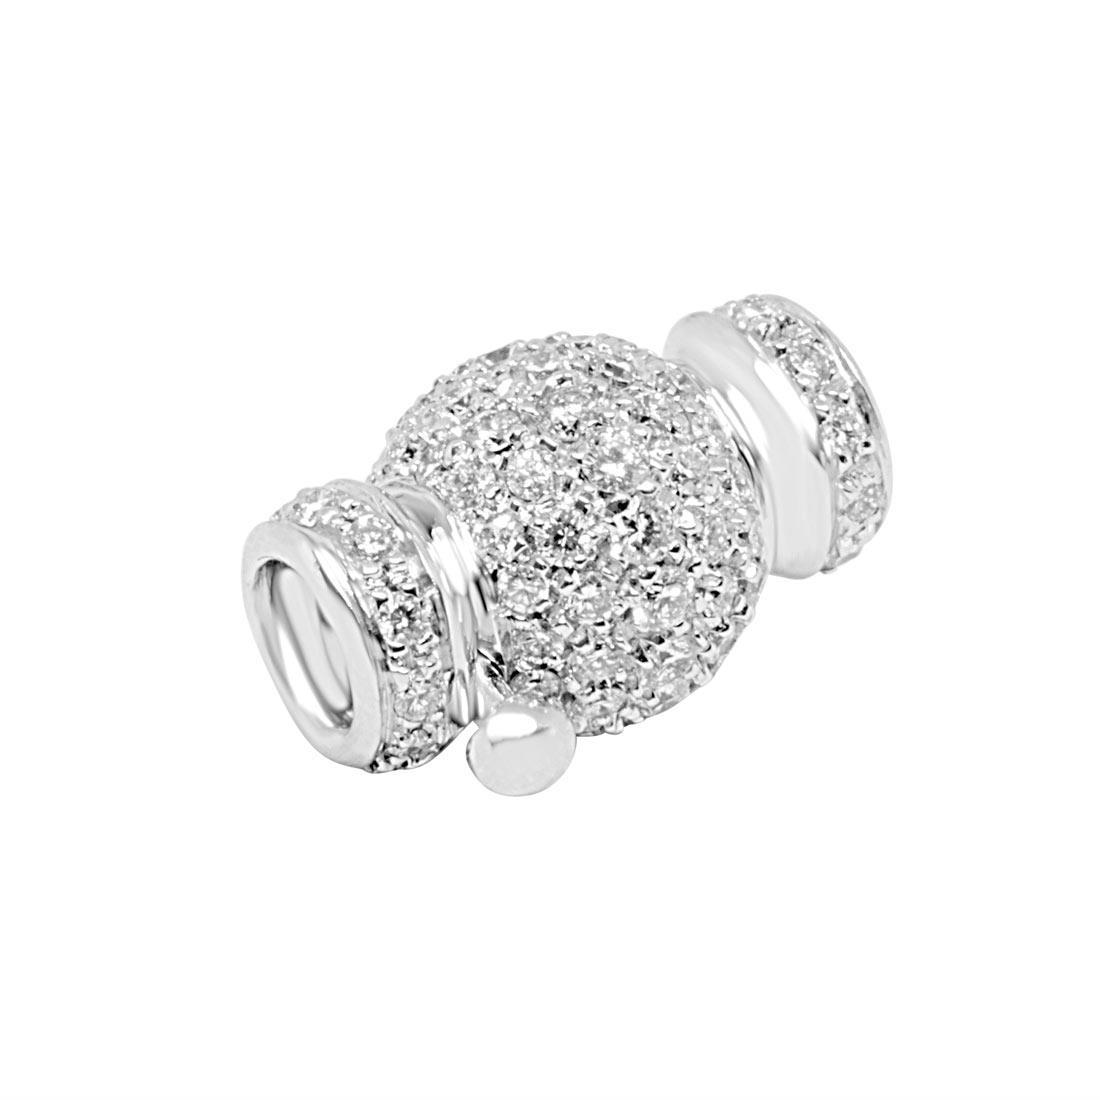 Fermaglio in oro bianco con diamanti - ALFIERI ST JOHN